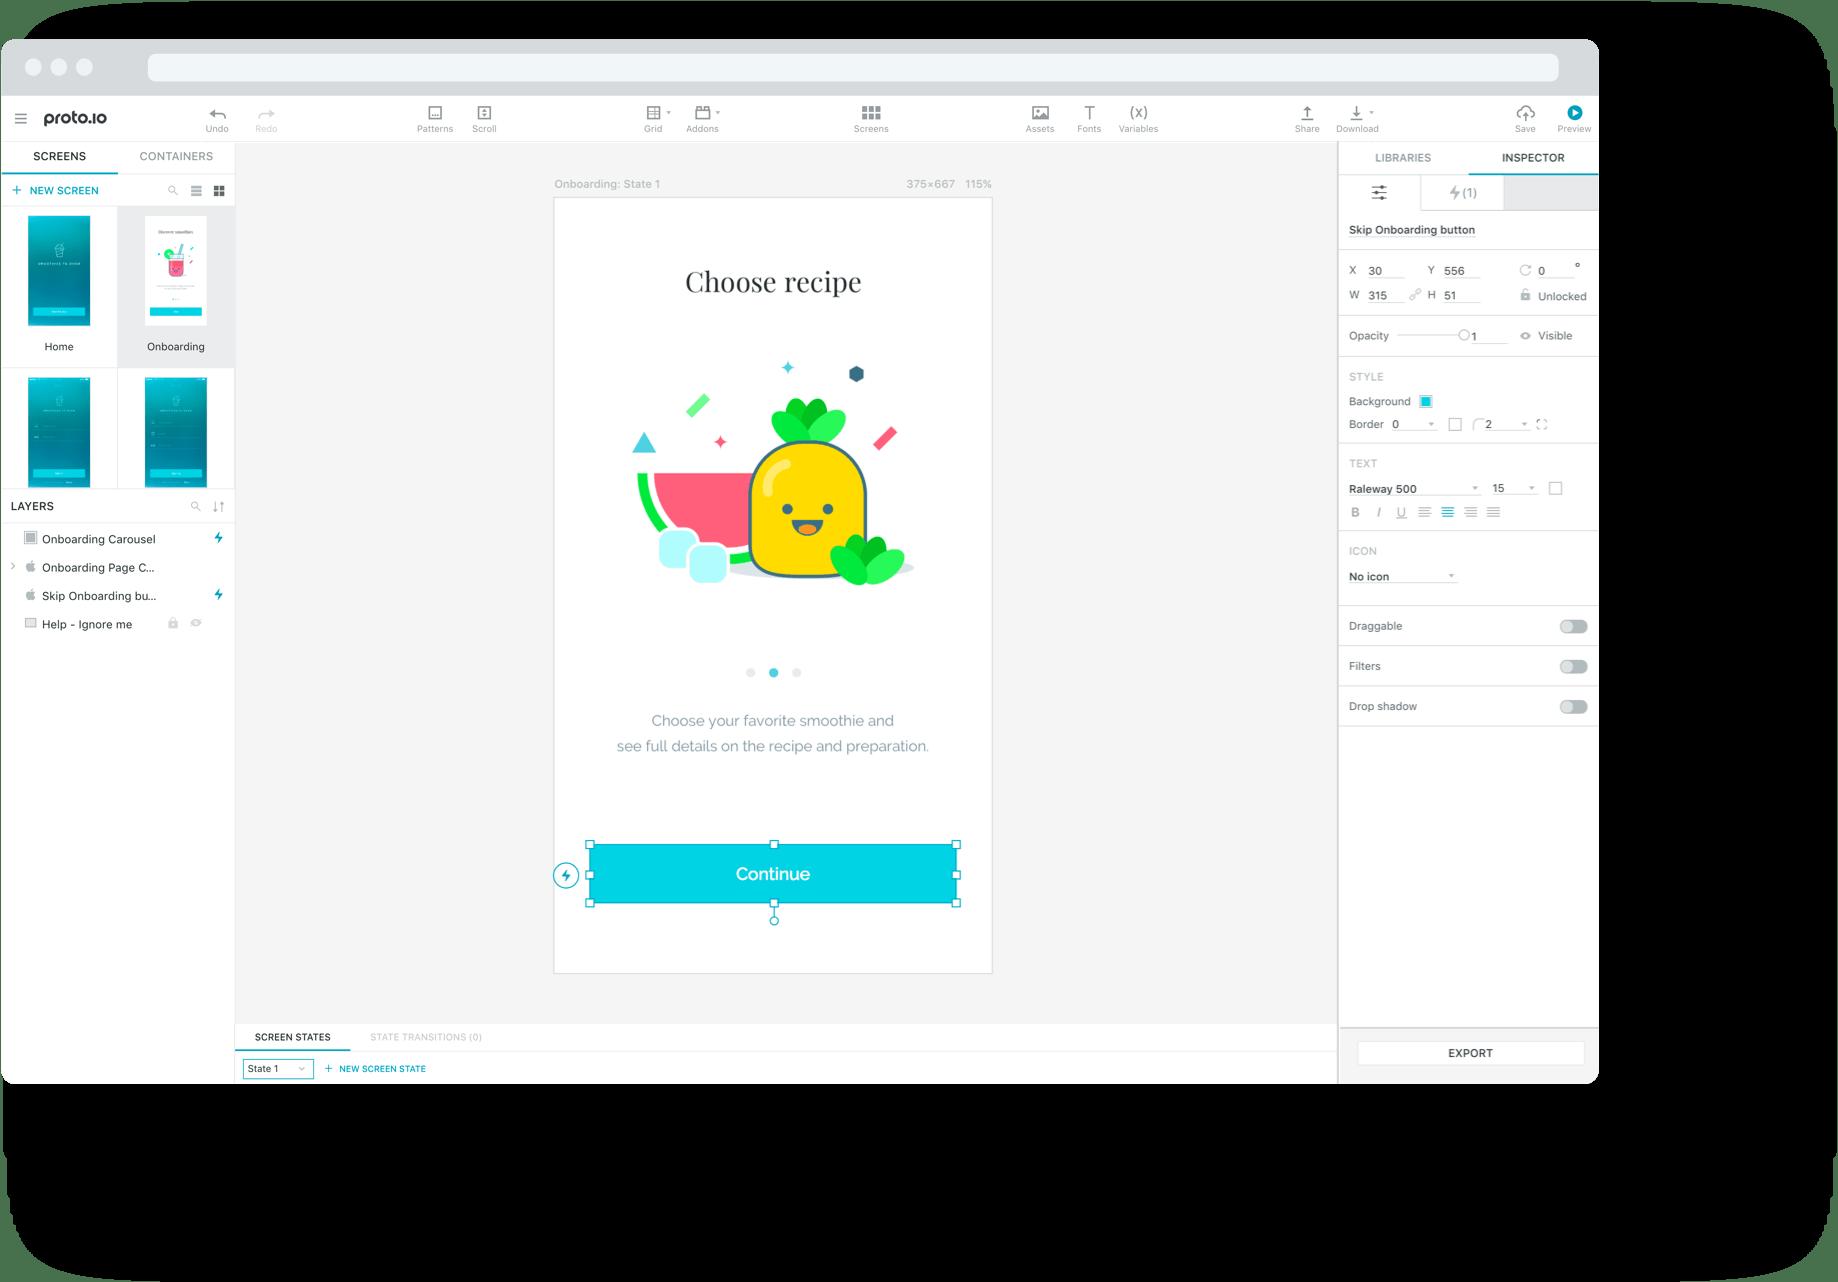 Proto.io redesigned UI editor